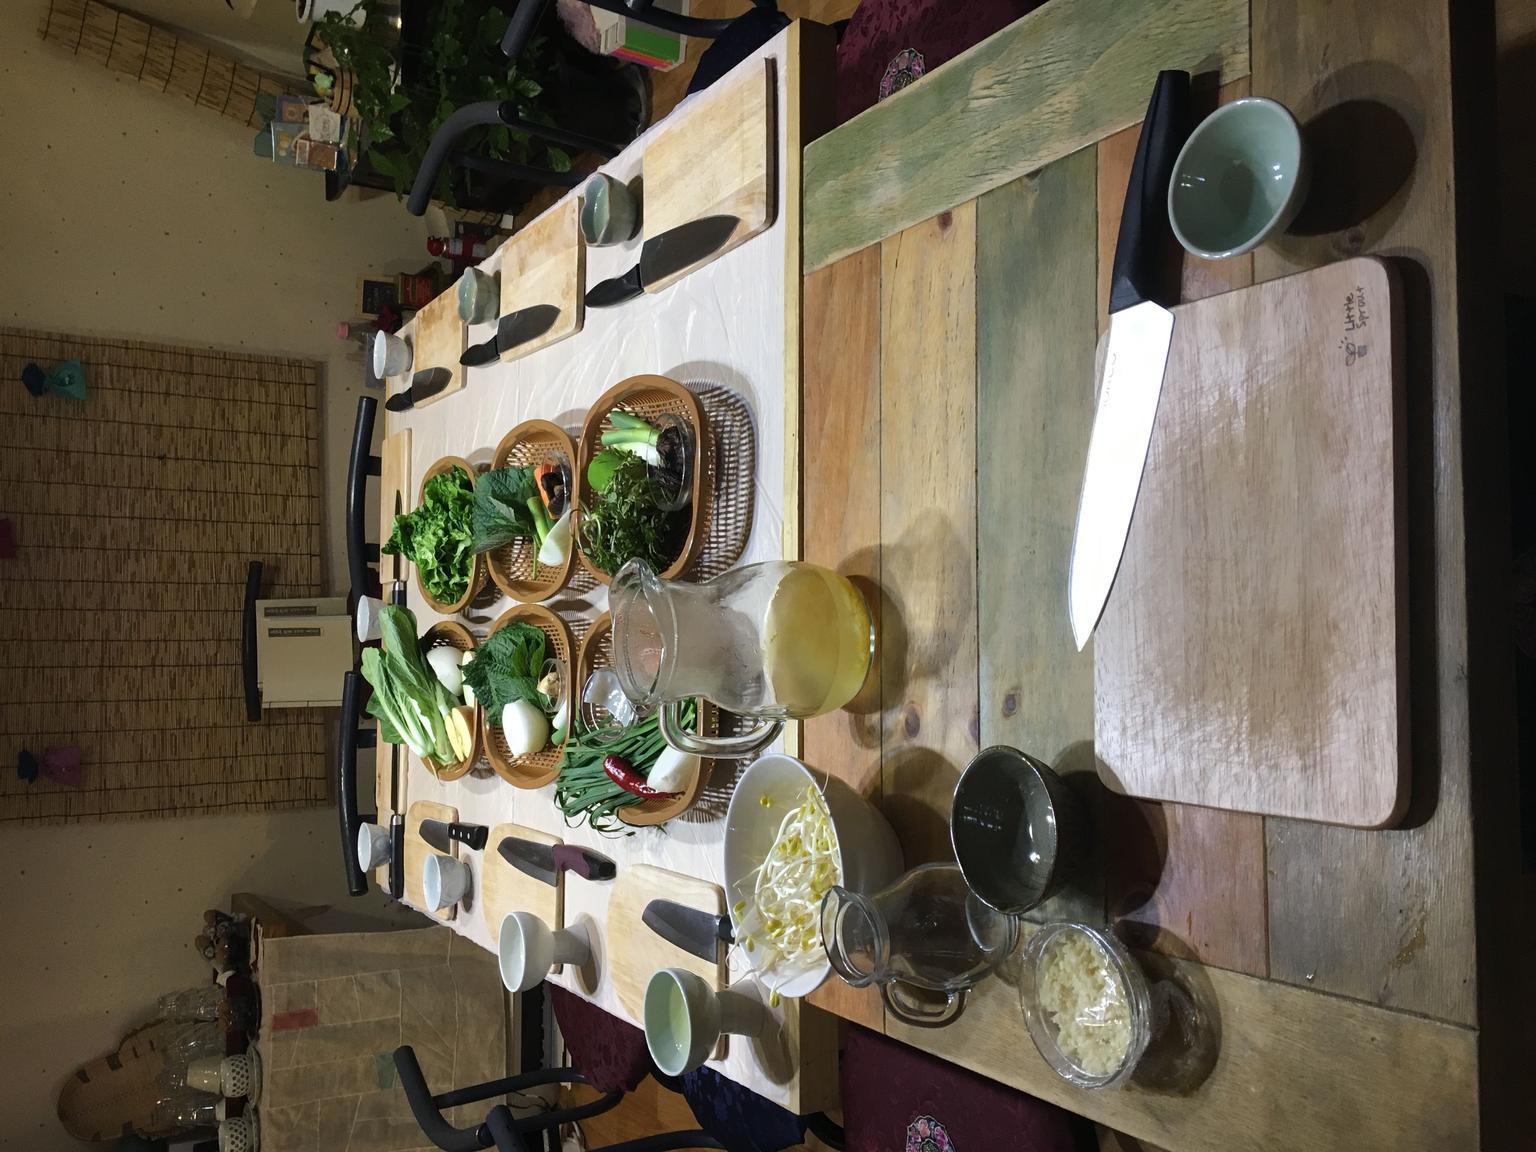 MÁS FOTOS, Experiencia de cocina tradicional en una casa de estilo coreano en Seúl